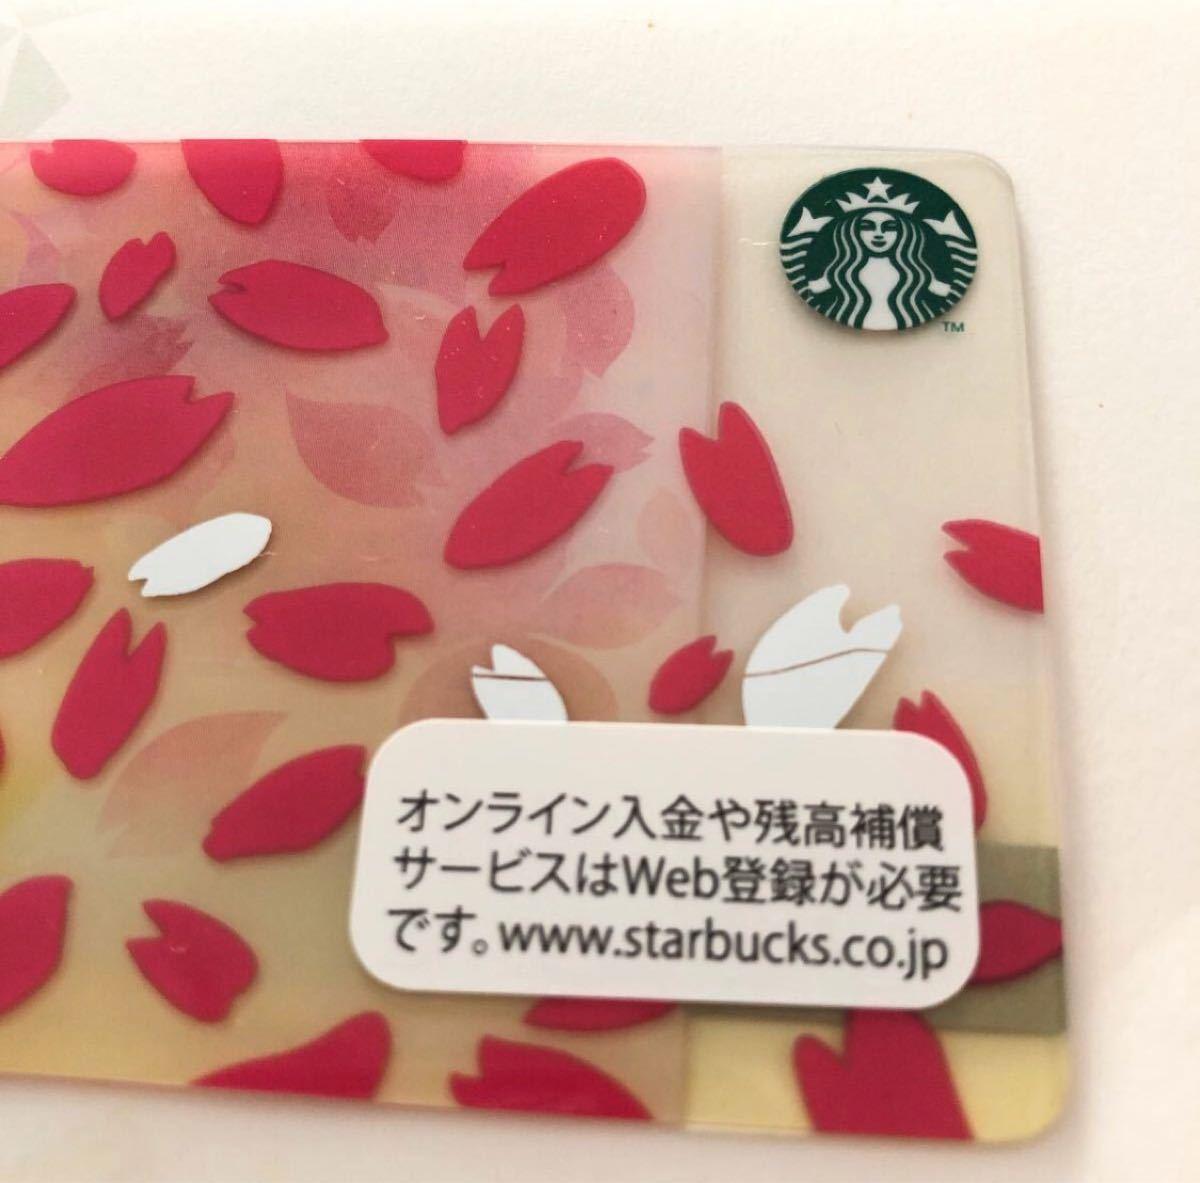 スターバックスカード 2015 桜 使用済み